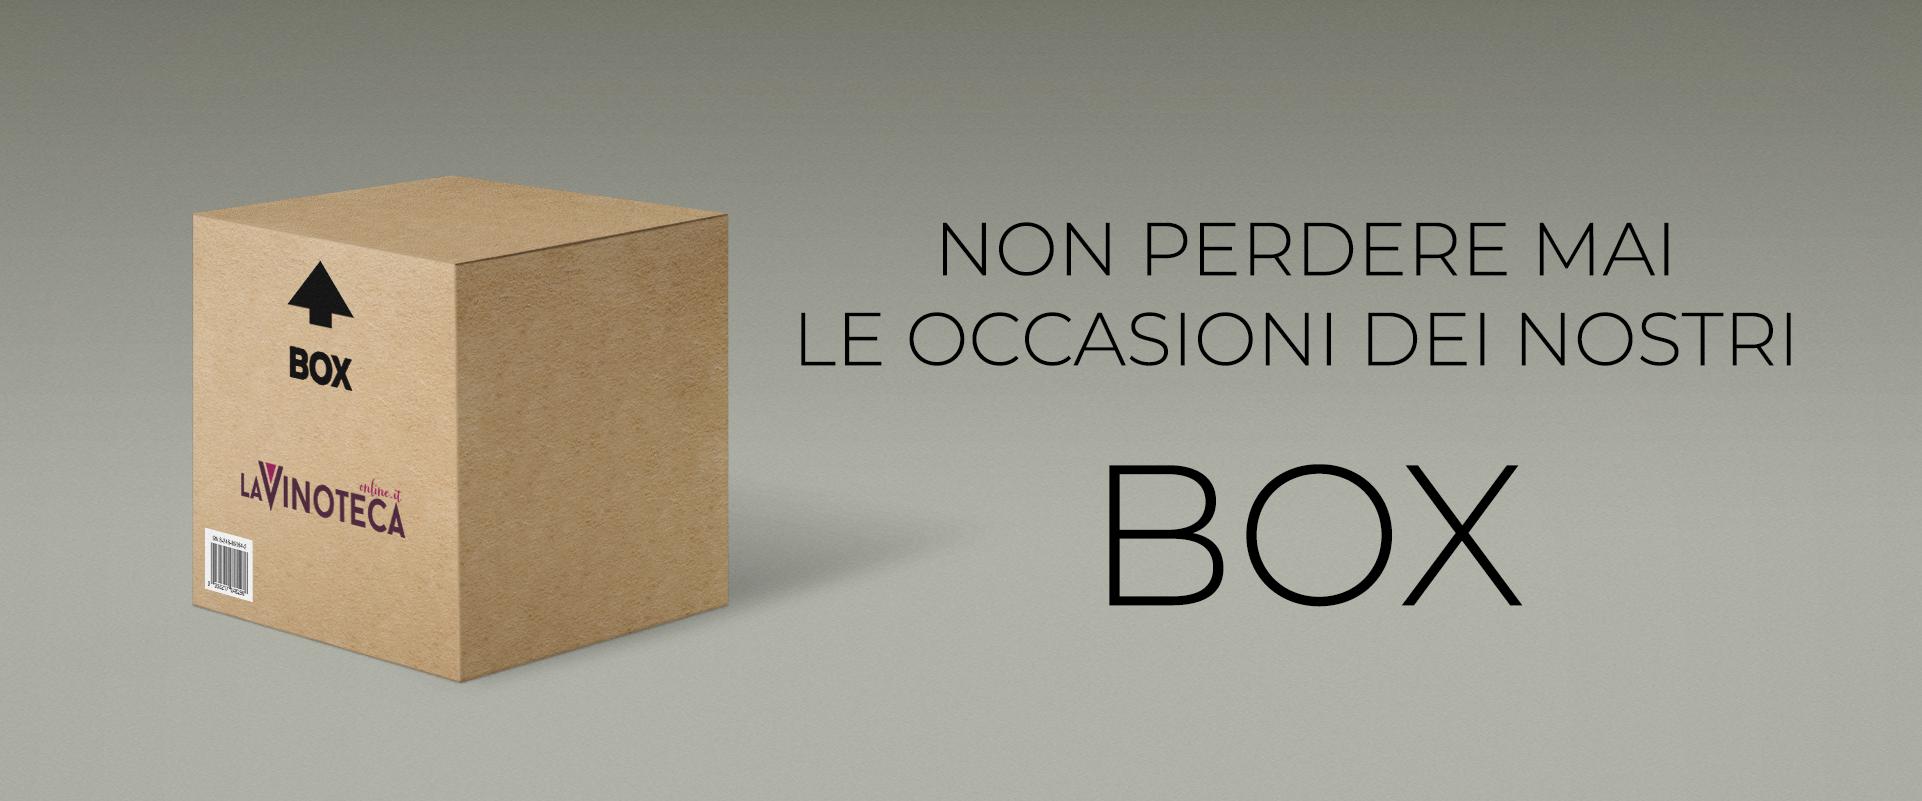 box_cover